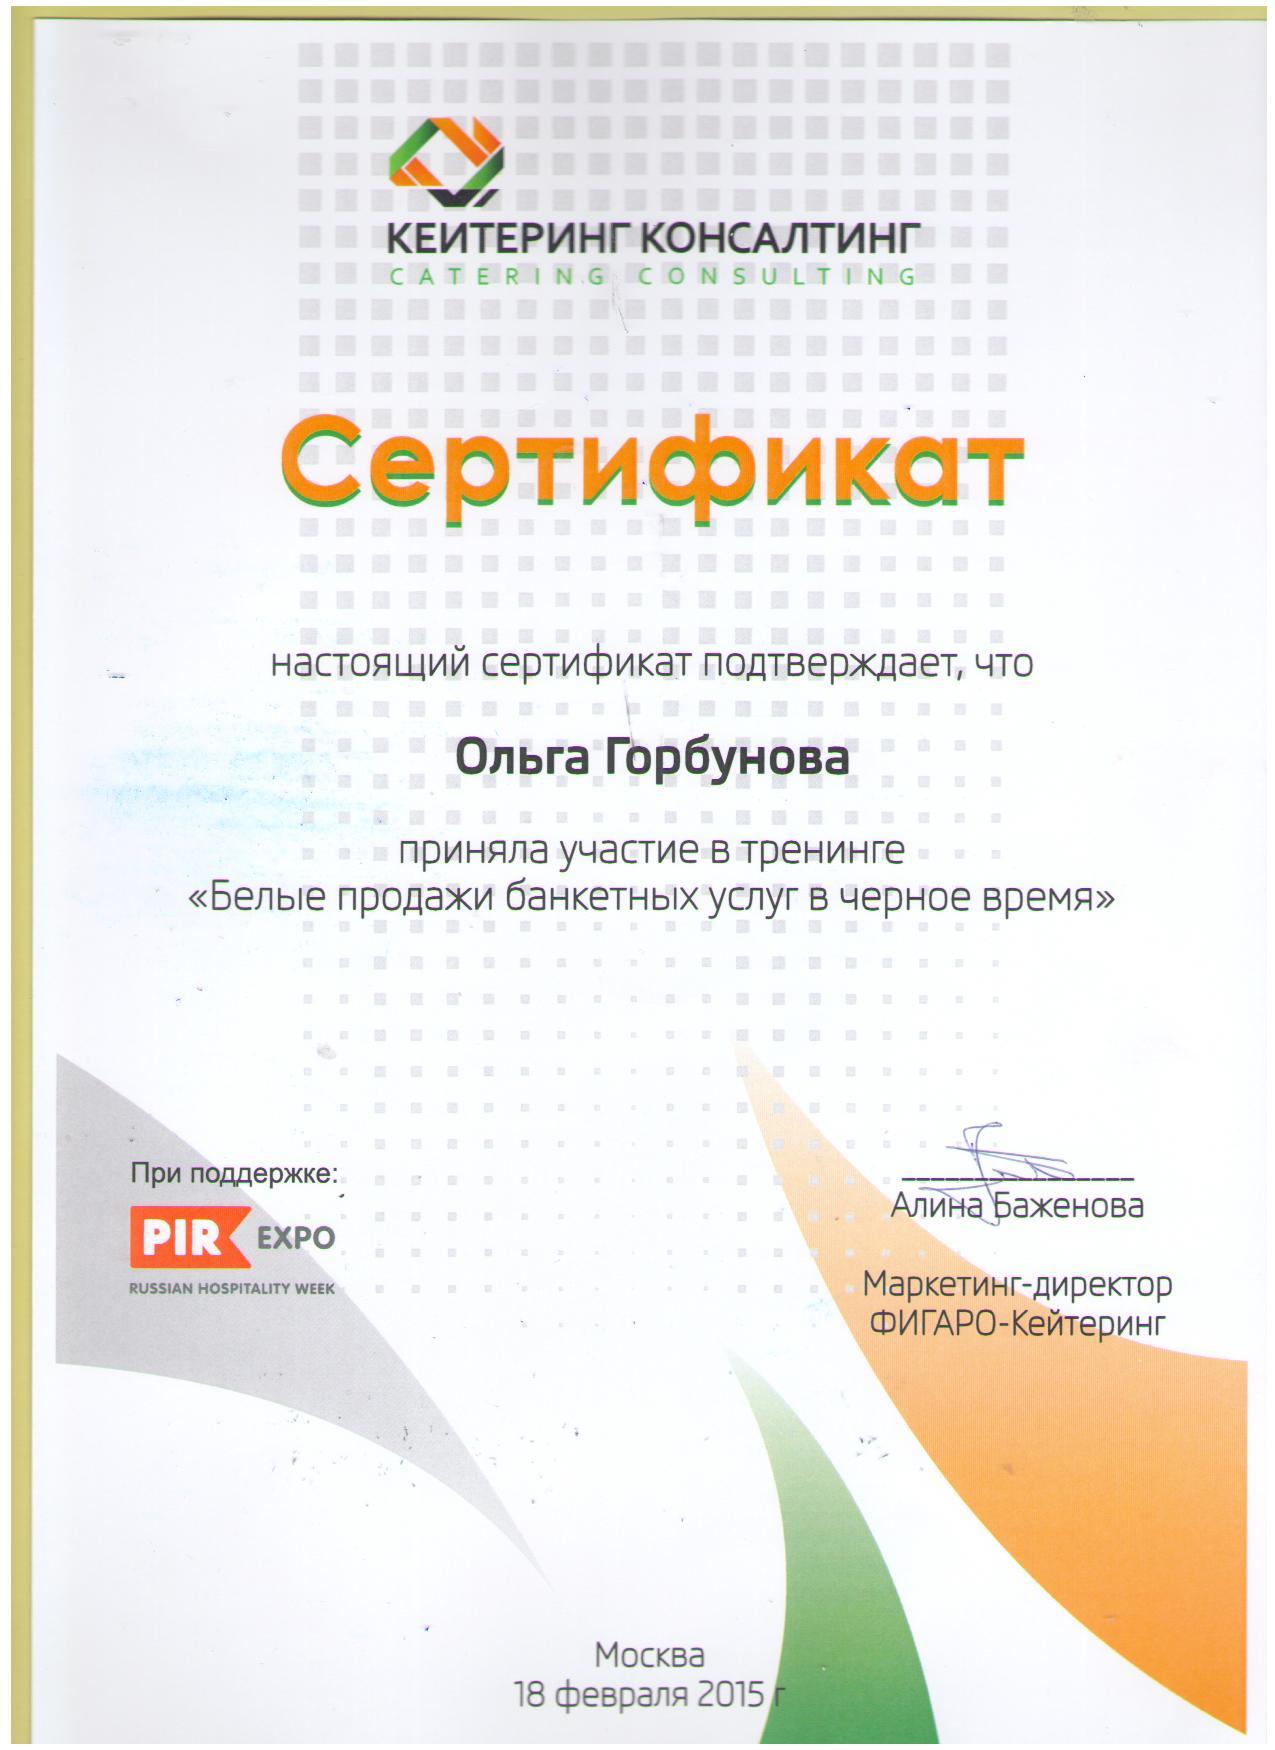 Мы_профессионалы_06 069 (2)